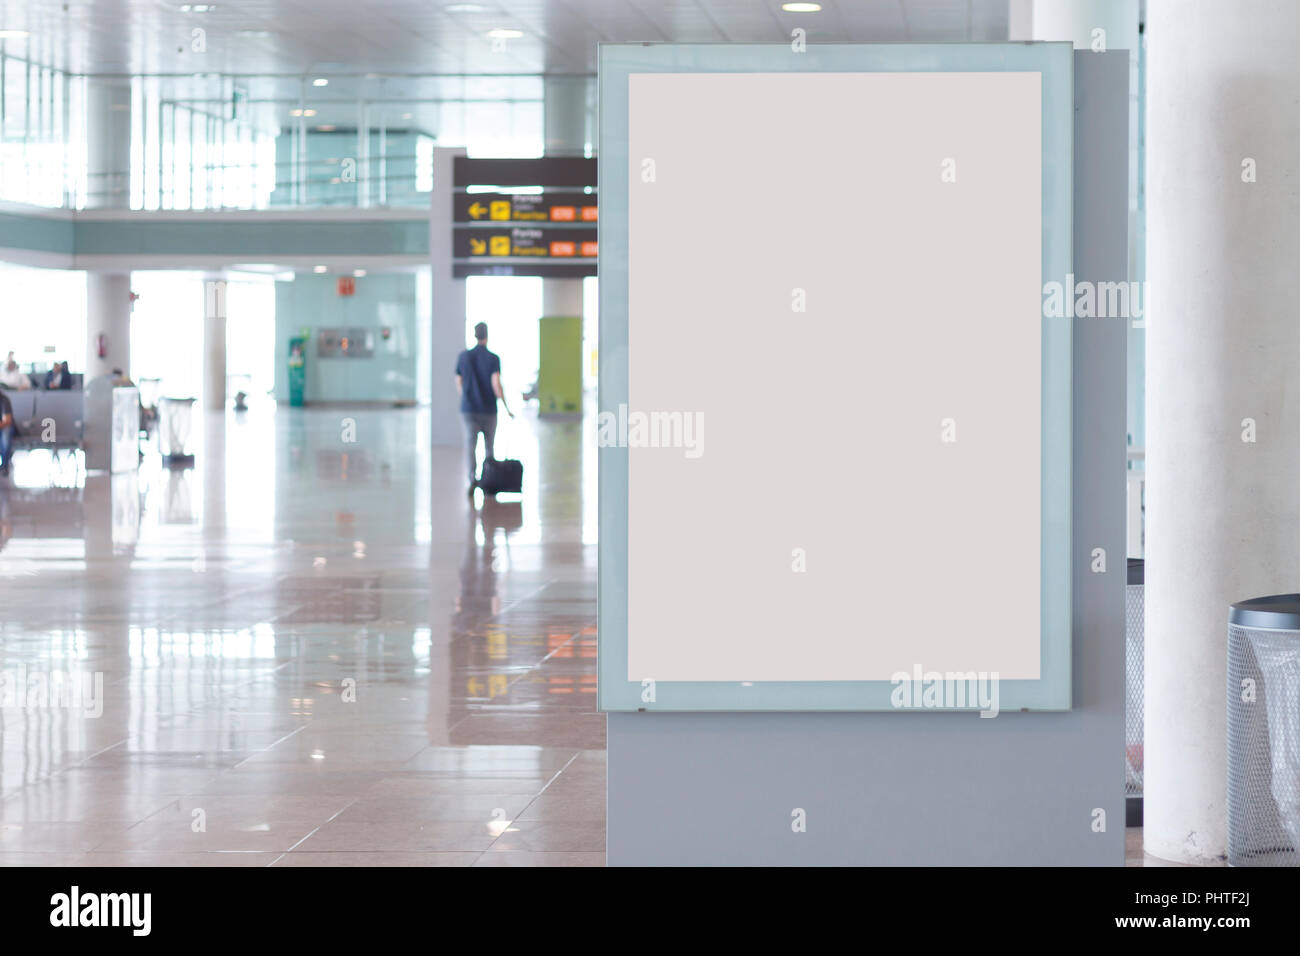 Leere Plakatwand Mock Up In Einem Flughafen Mit Unscharfen